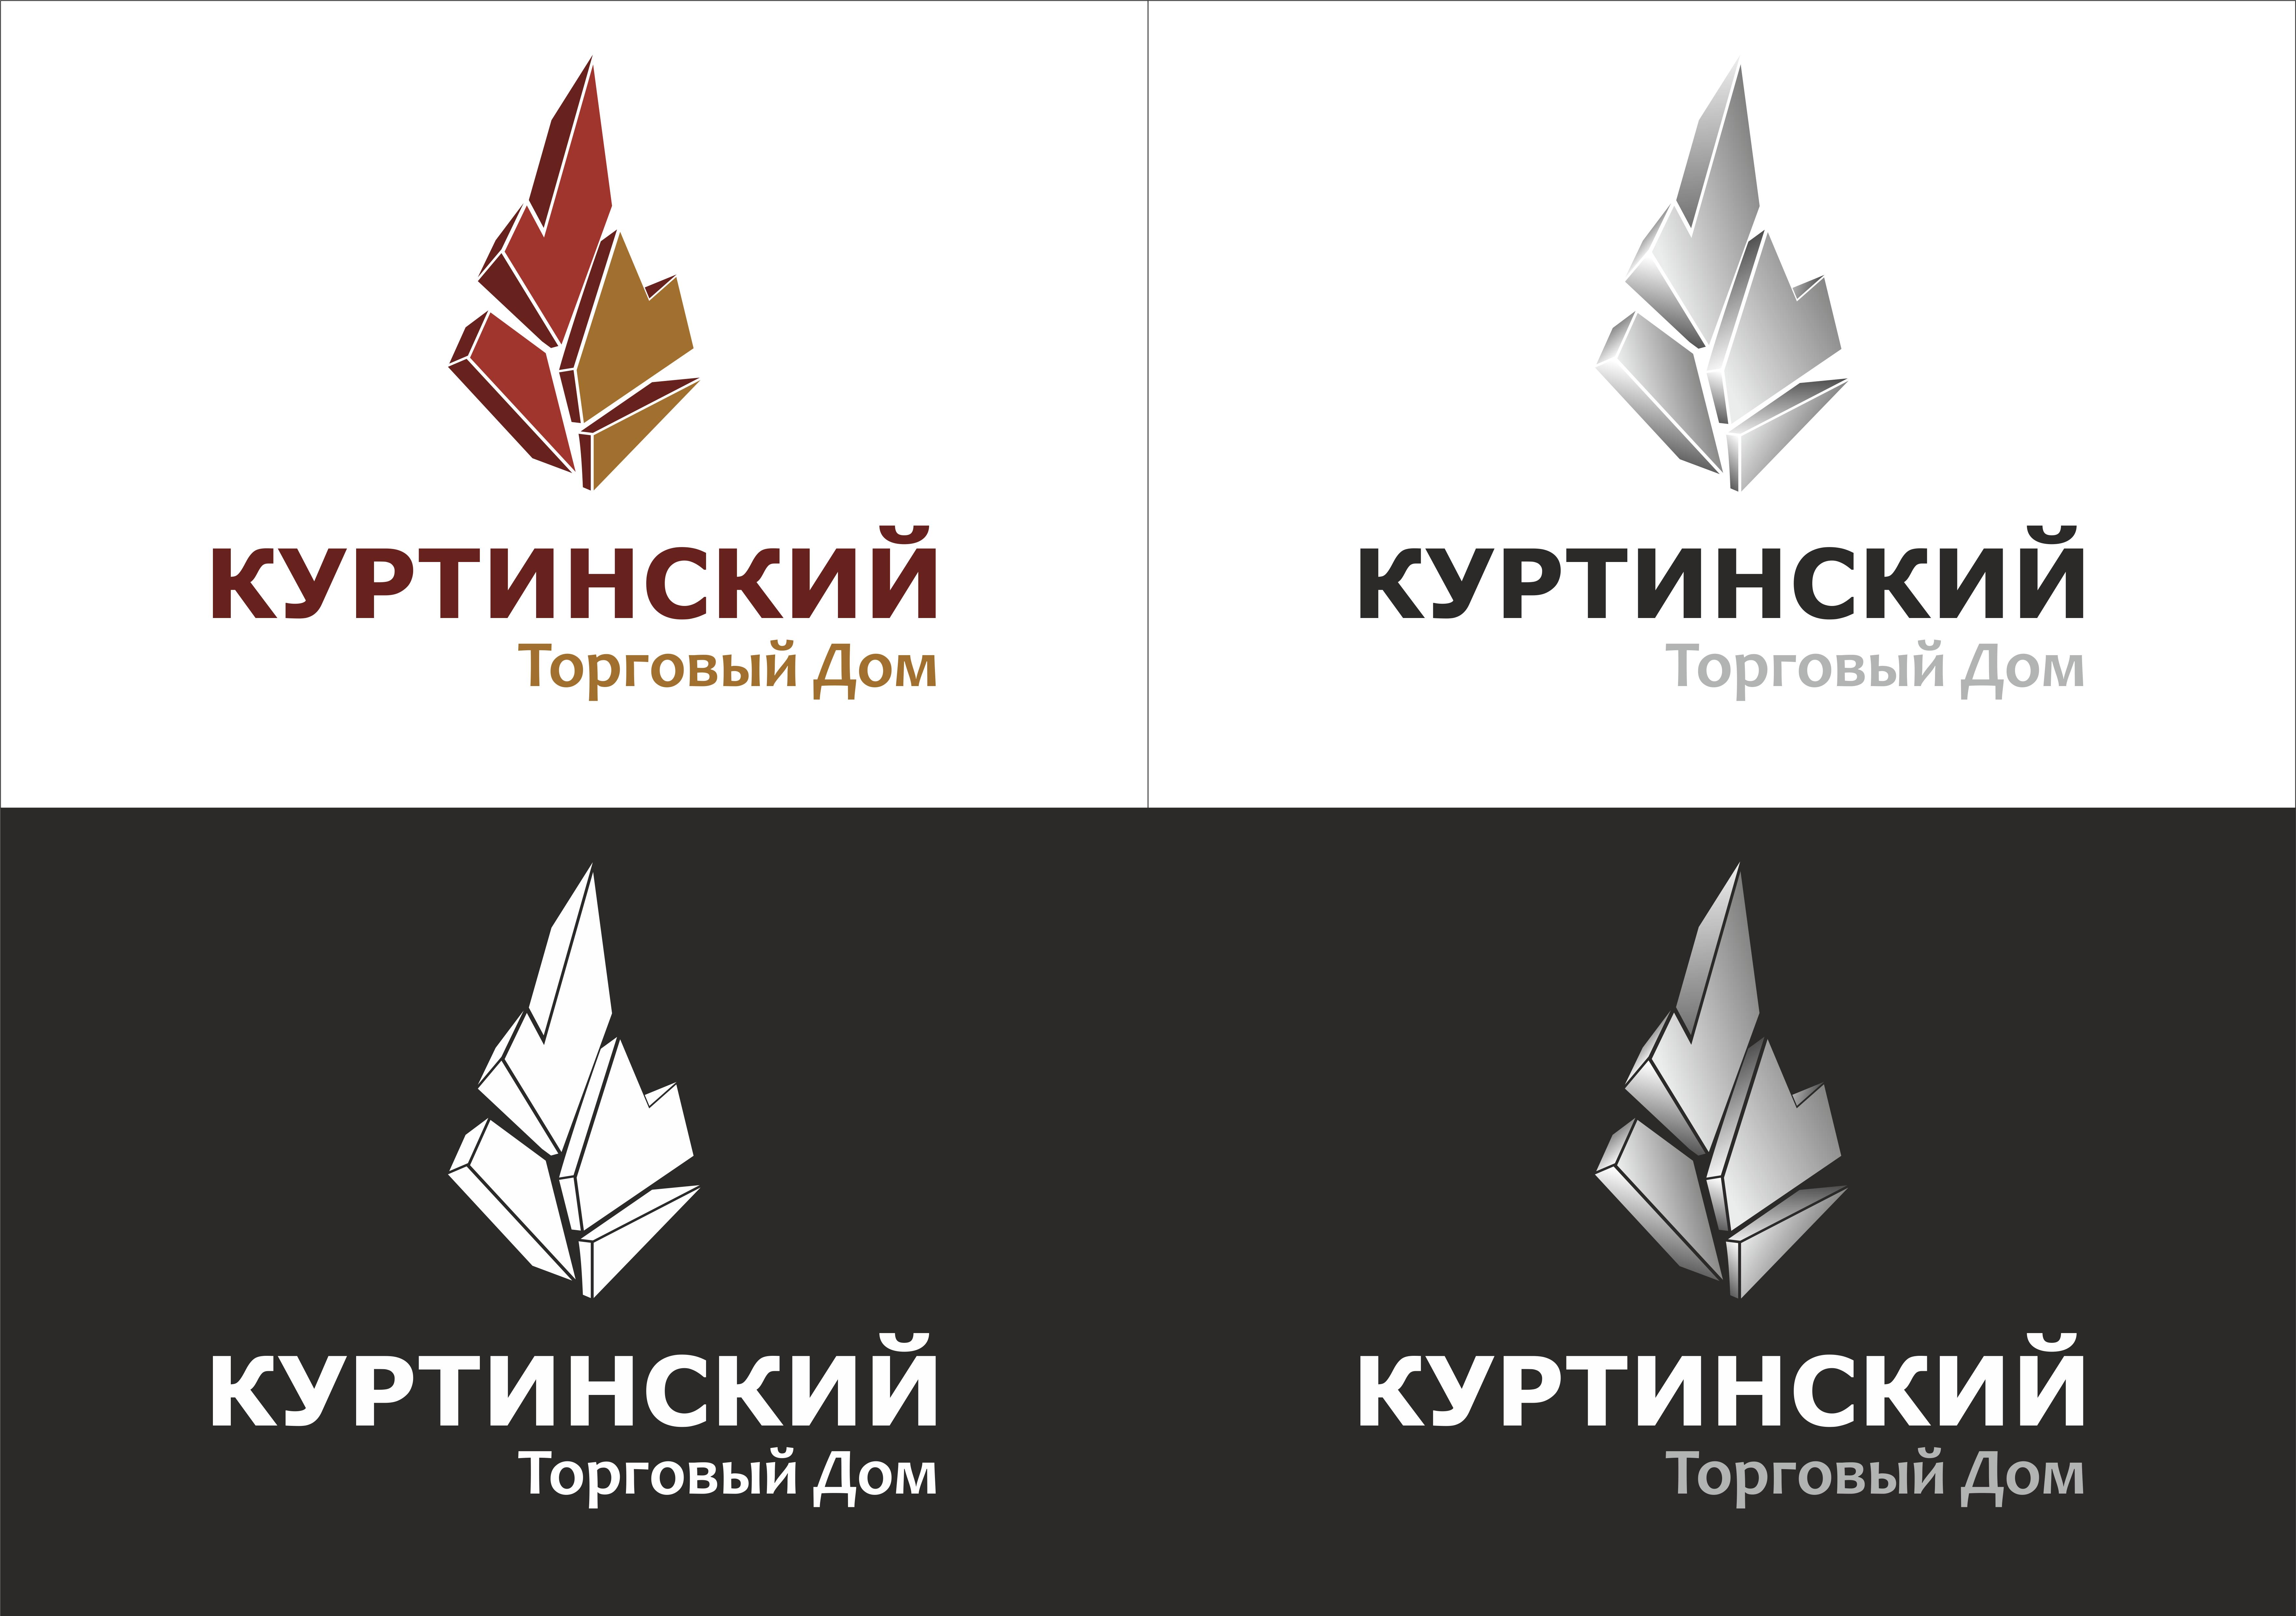 Логотип для камнедобывающей компании фото f_6435b9a7380b9d0c.png